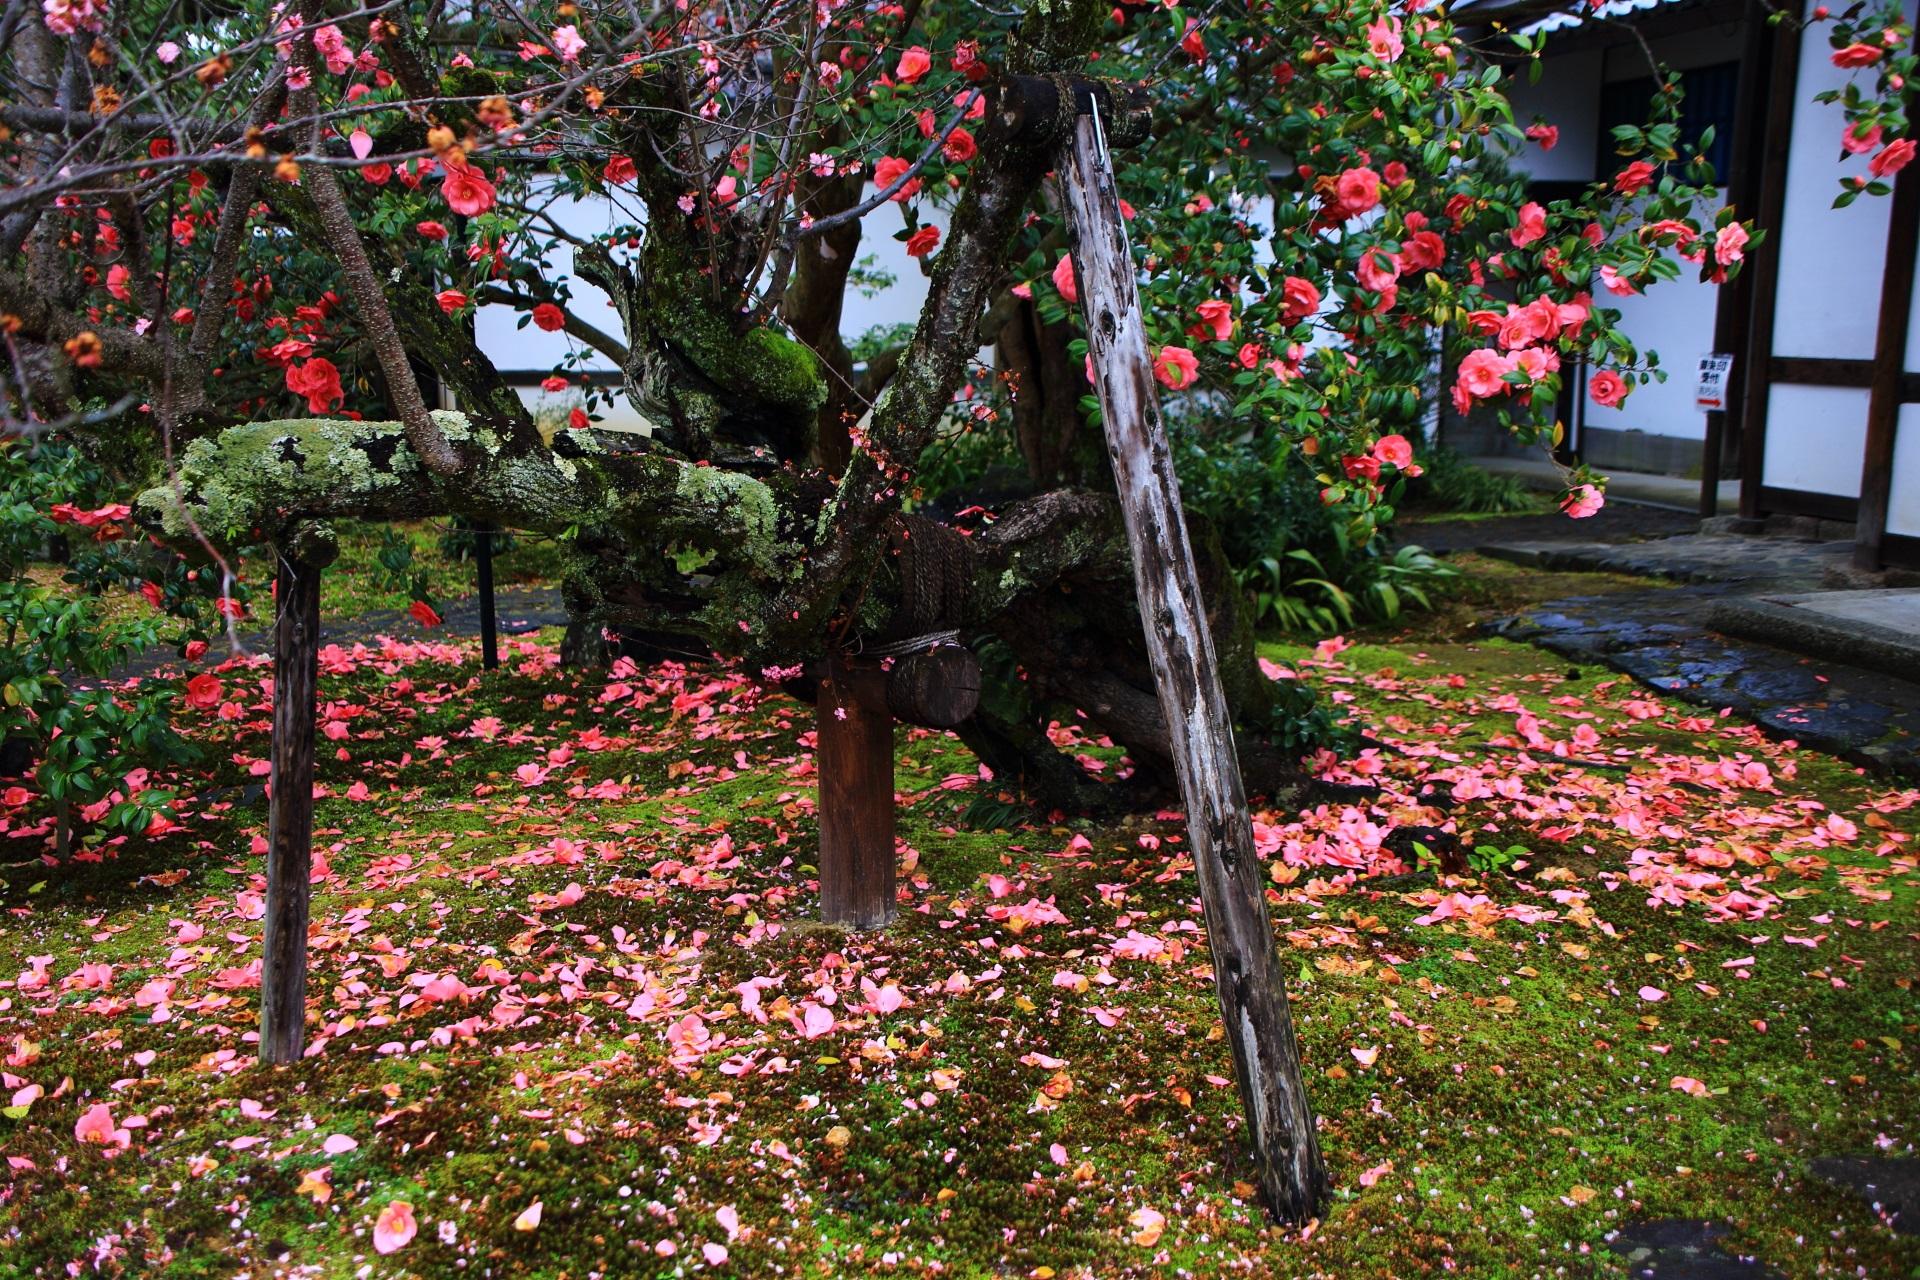 霊鑑寺の玄関付近の見事な散り椿